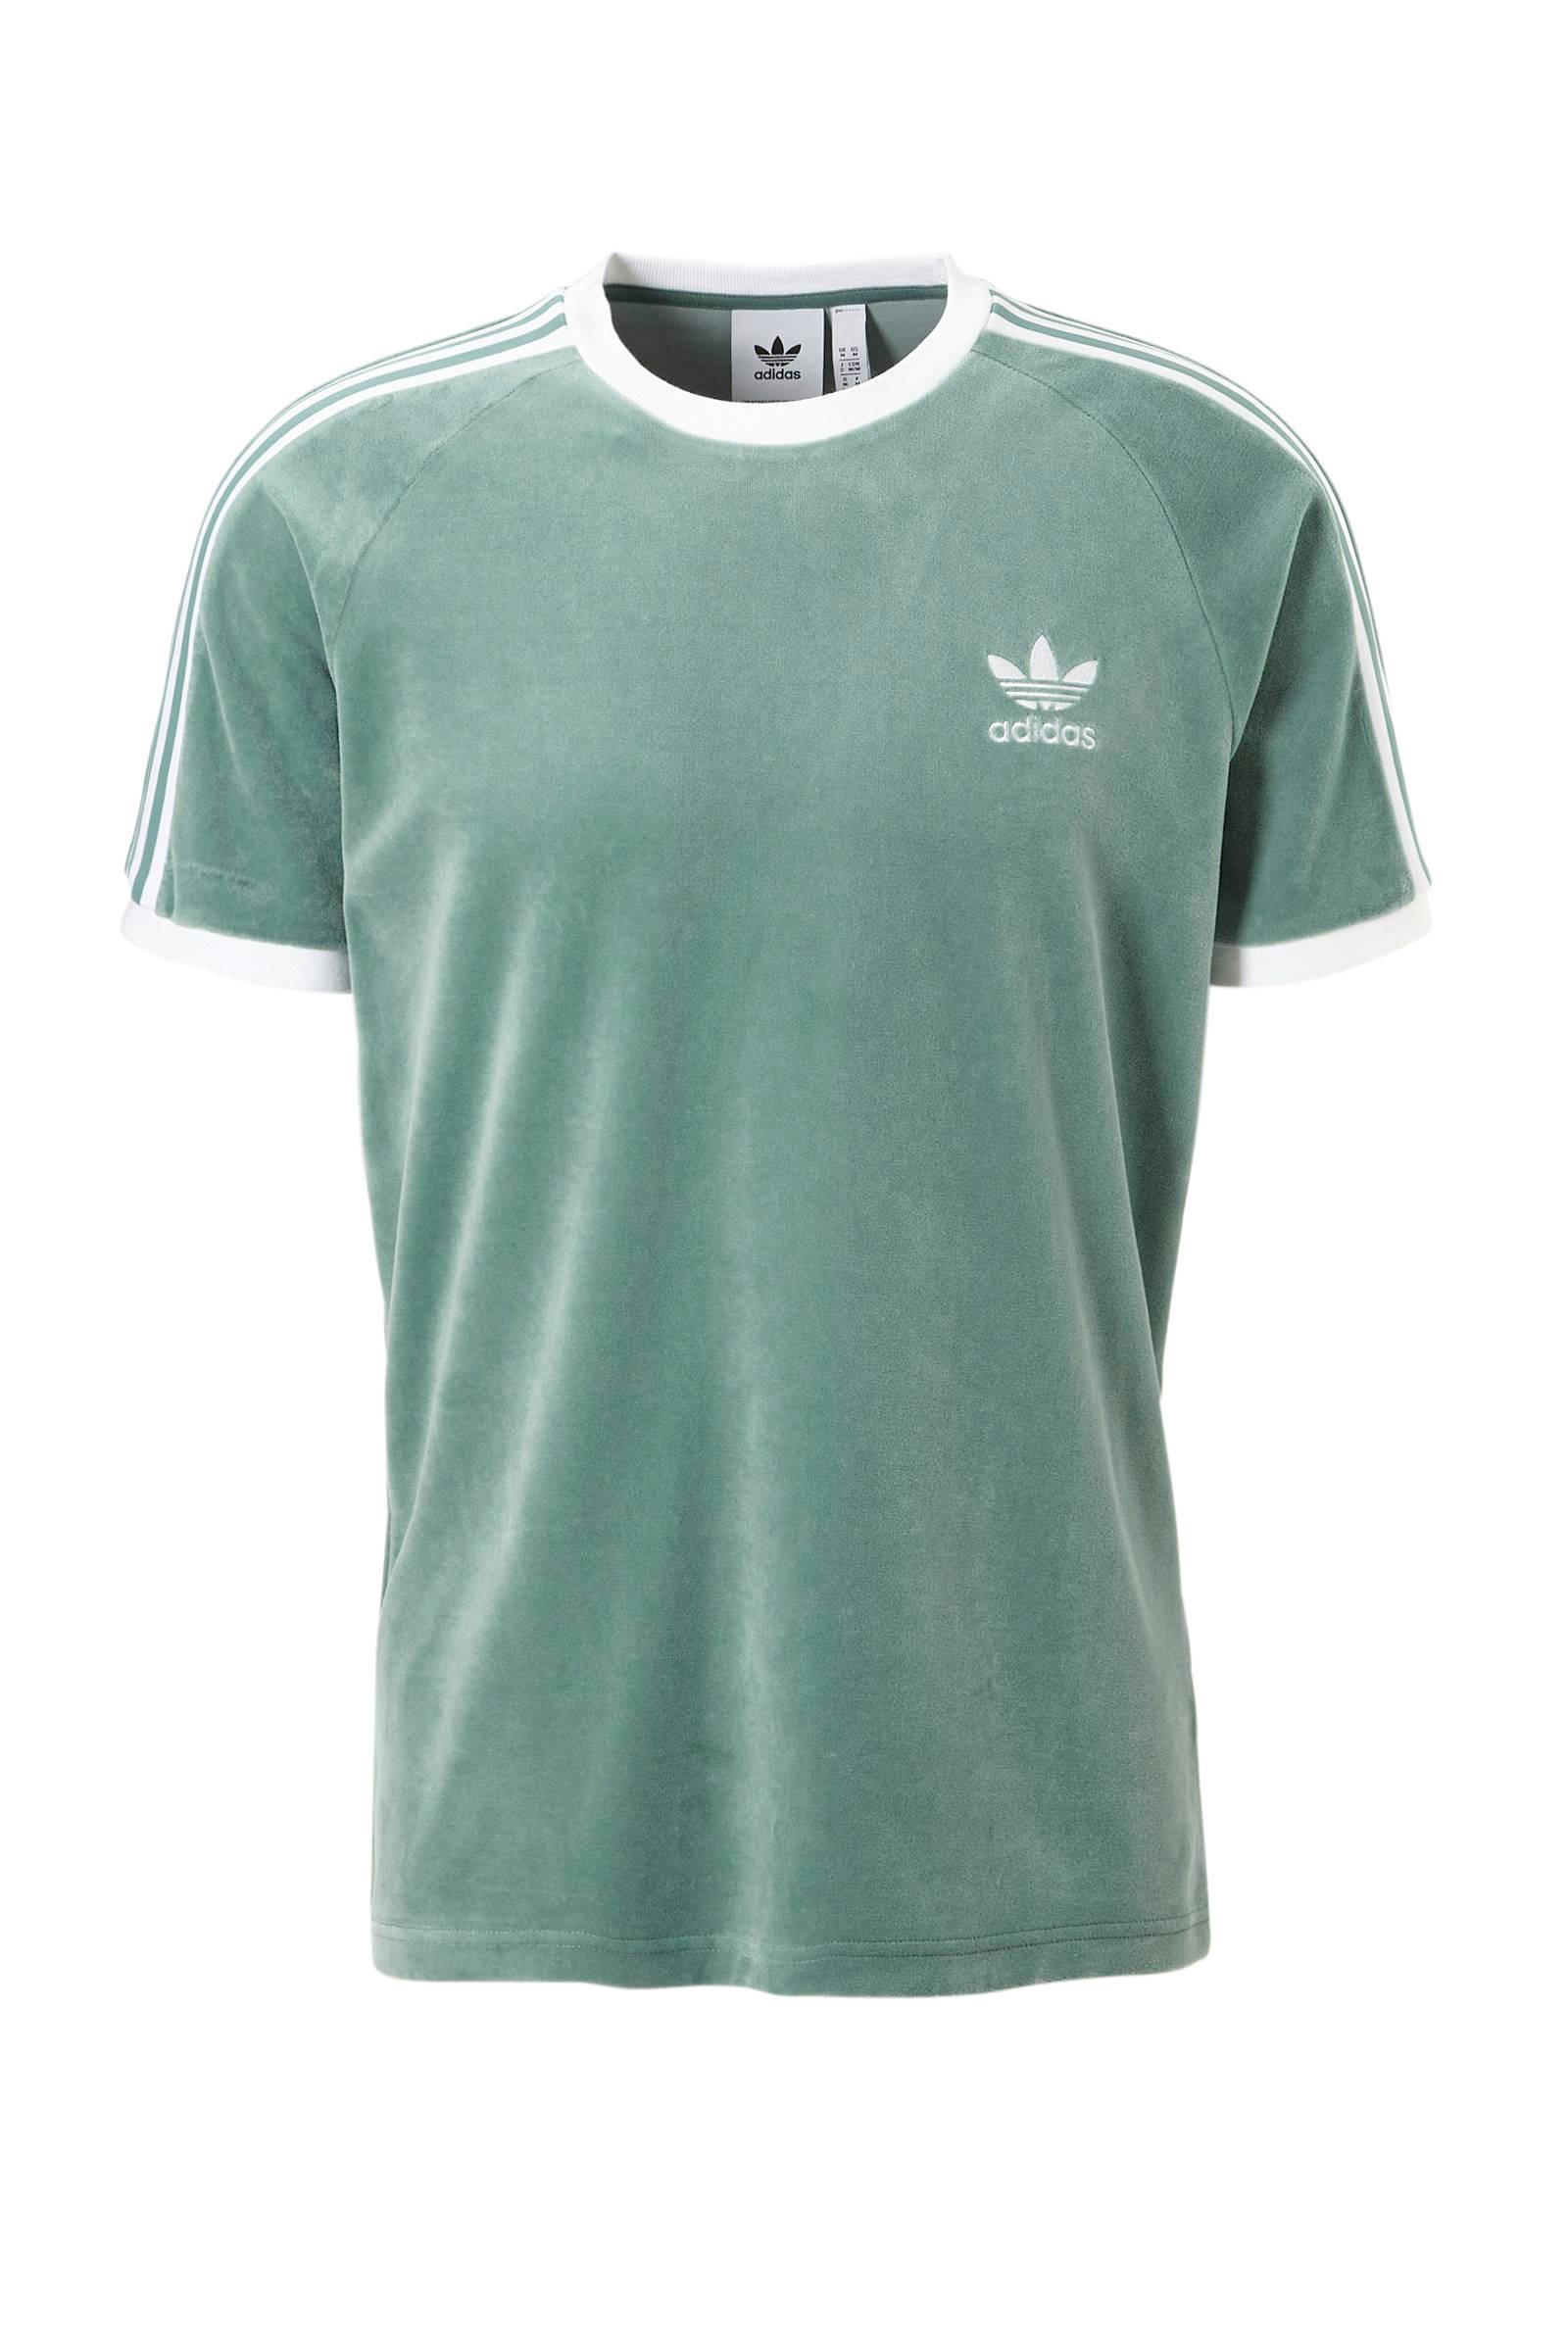 T shirt mintgroen